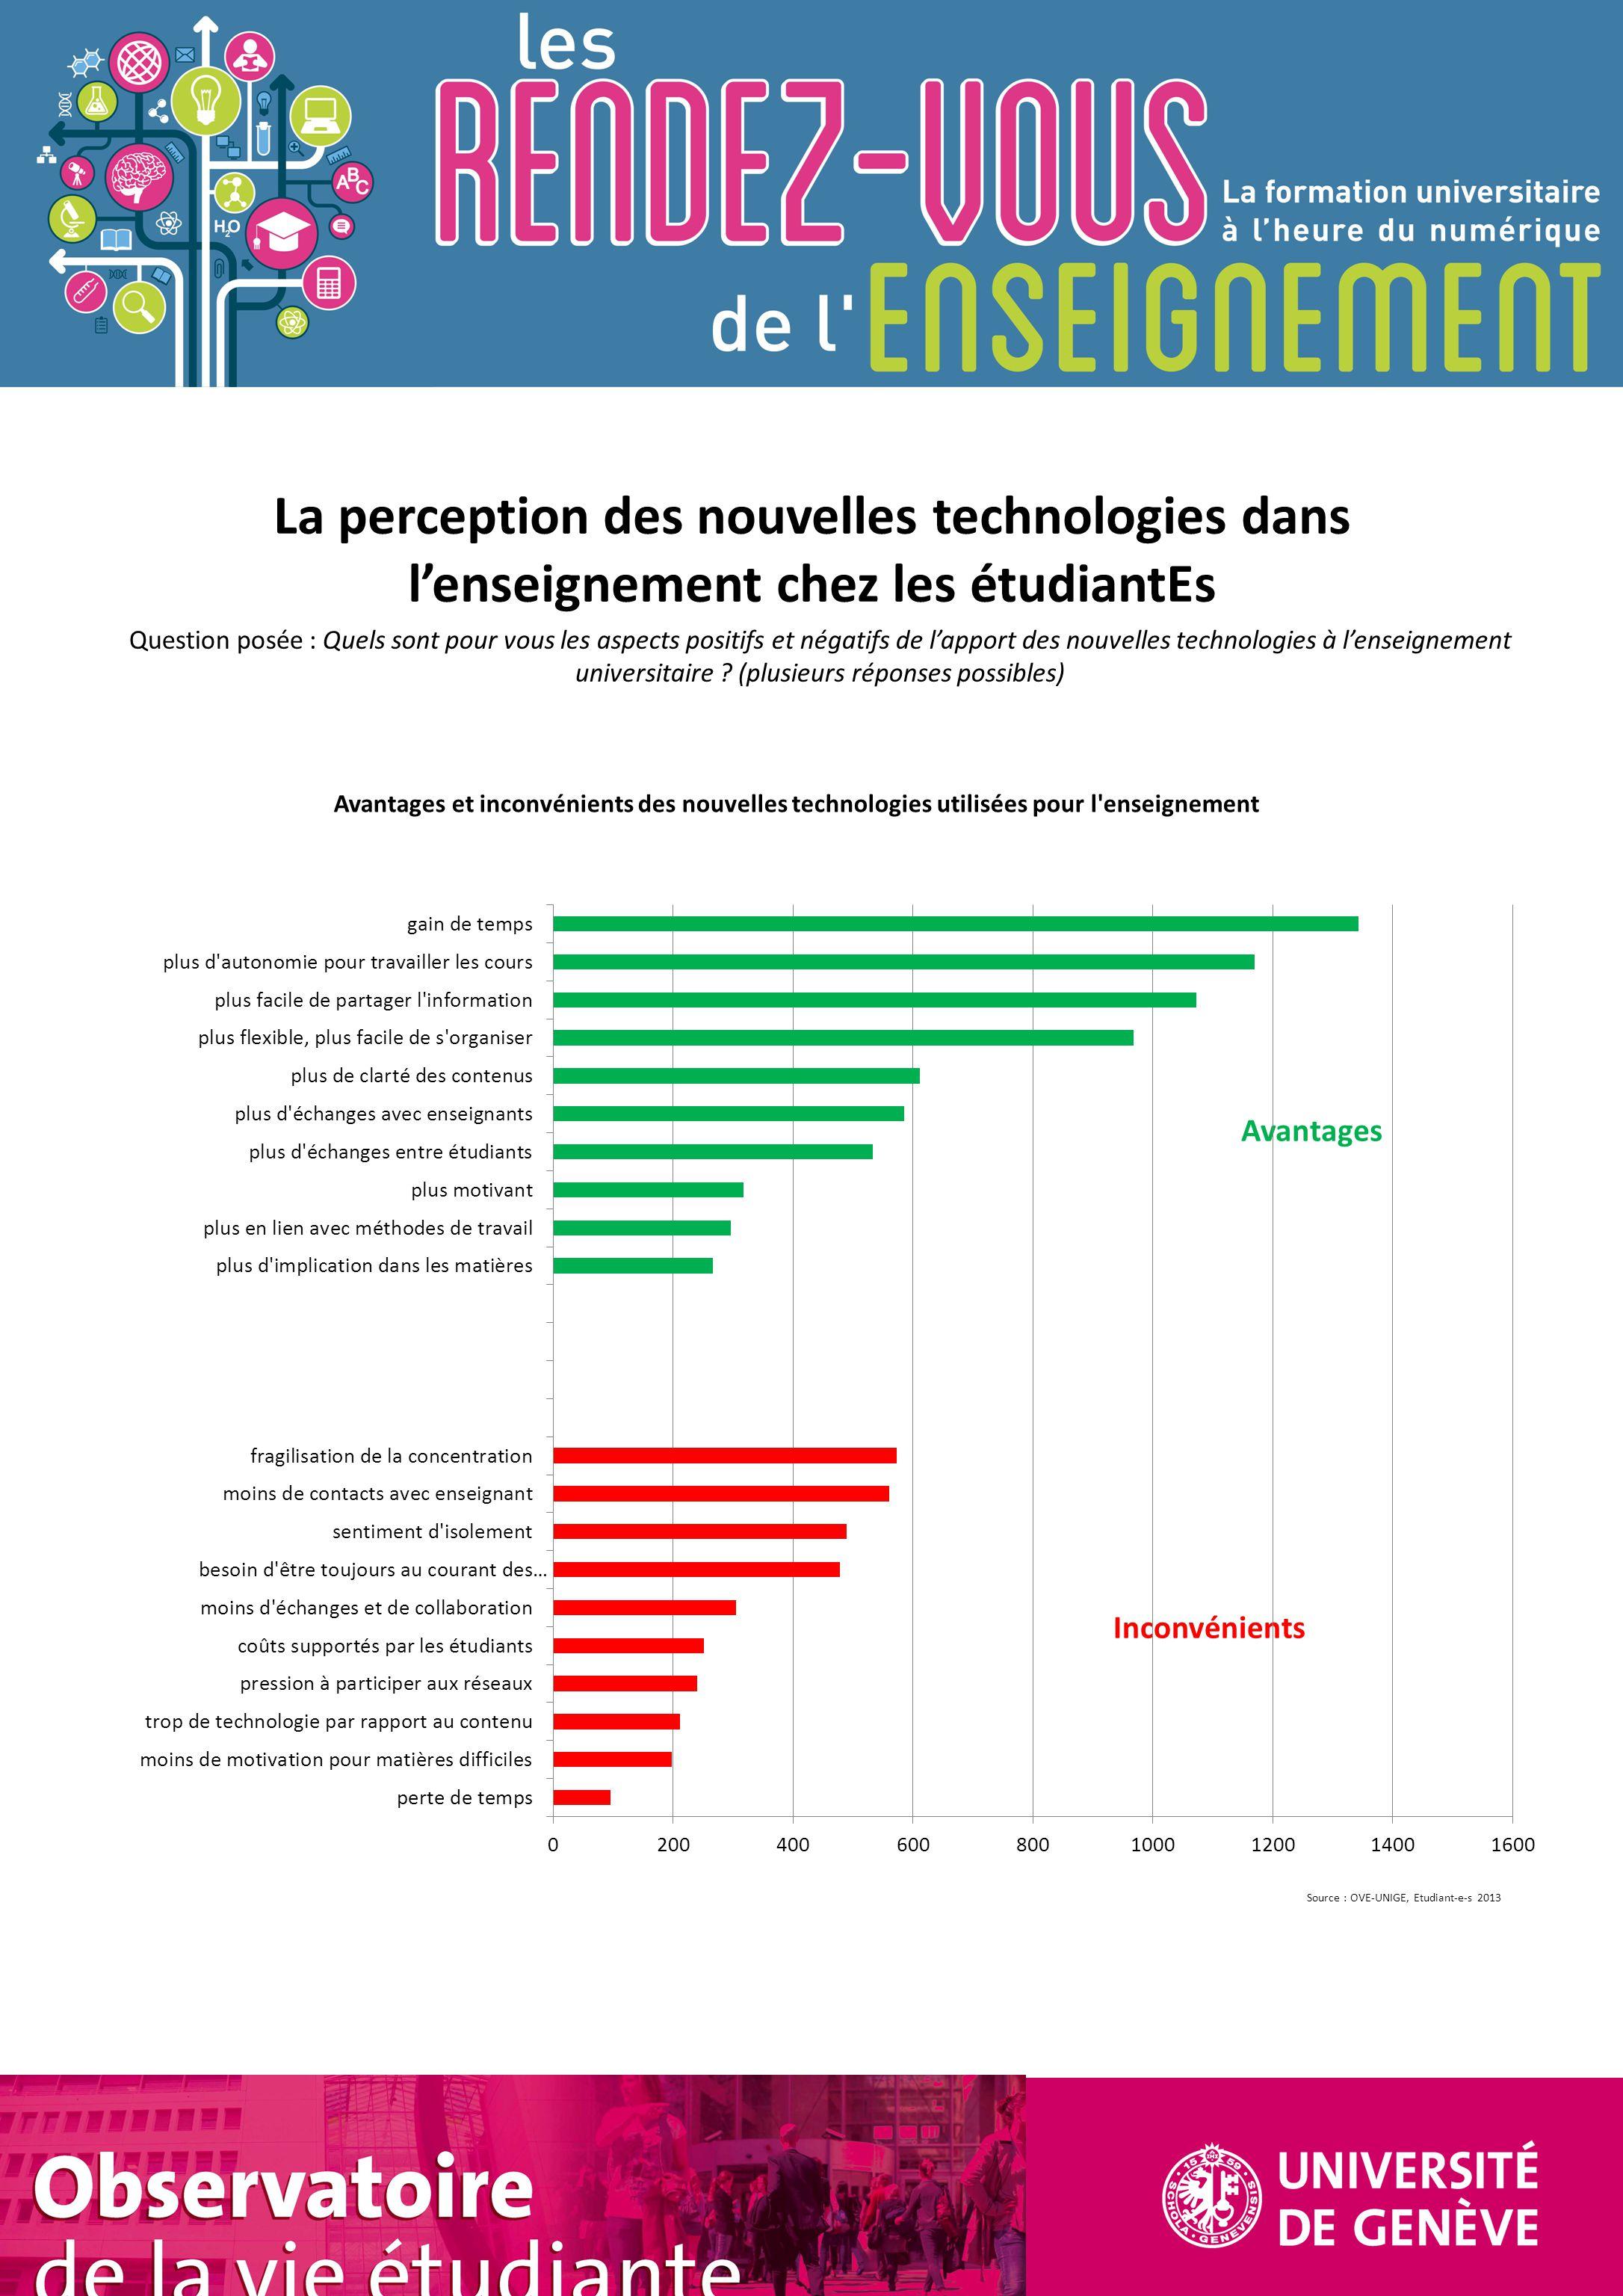 Source : OVE-UNIGE, Etudiant-e-s 2013 Observatoire de la vie étudiante Avantages Inconvénients La perception des nouvelles technologies dans l'enseign